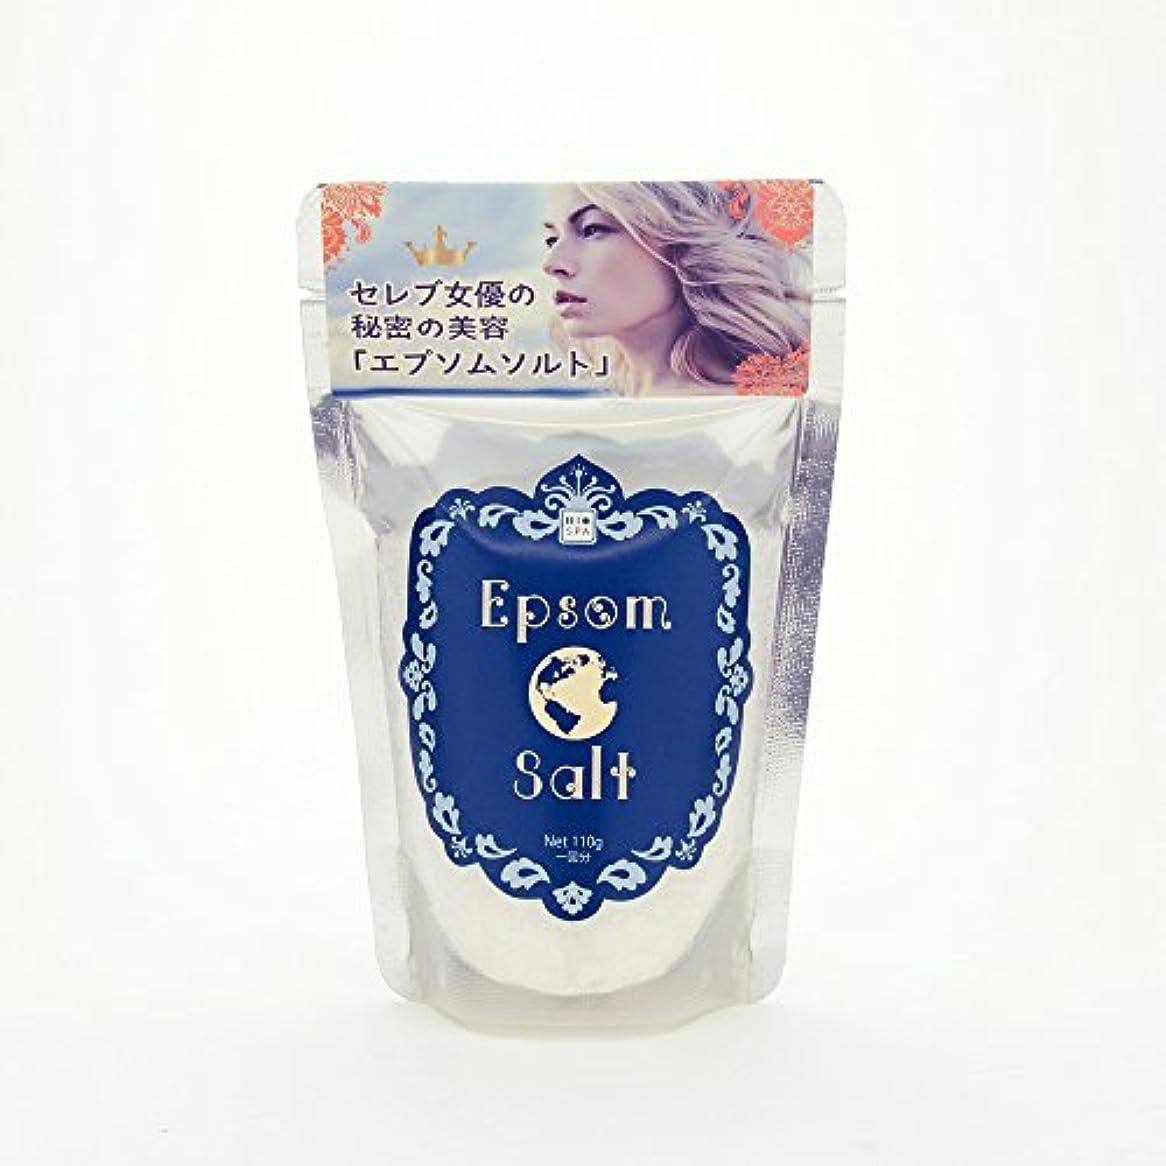 ベイビー官僚にはまってビオスパ エプソムソルト【110g/1回分】(浴用化粧品)